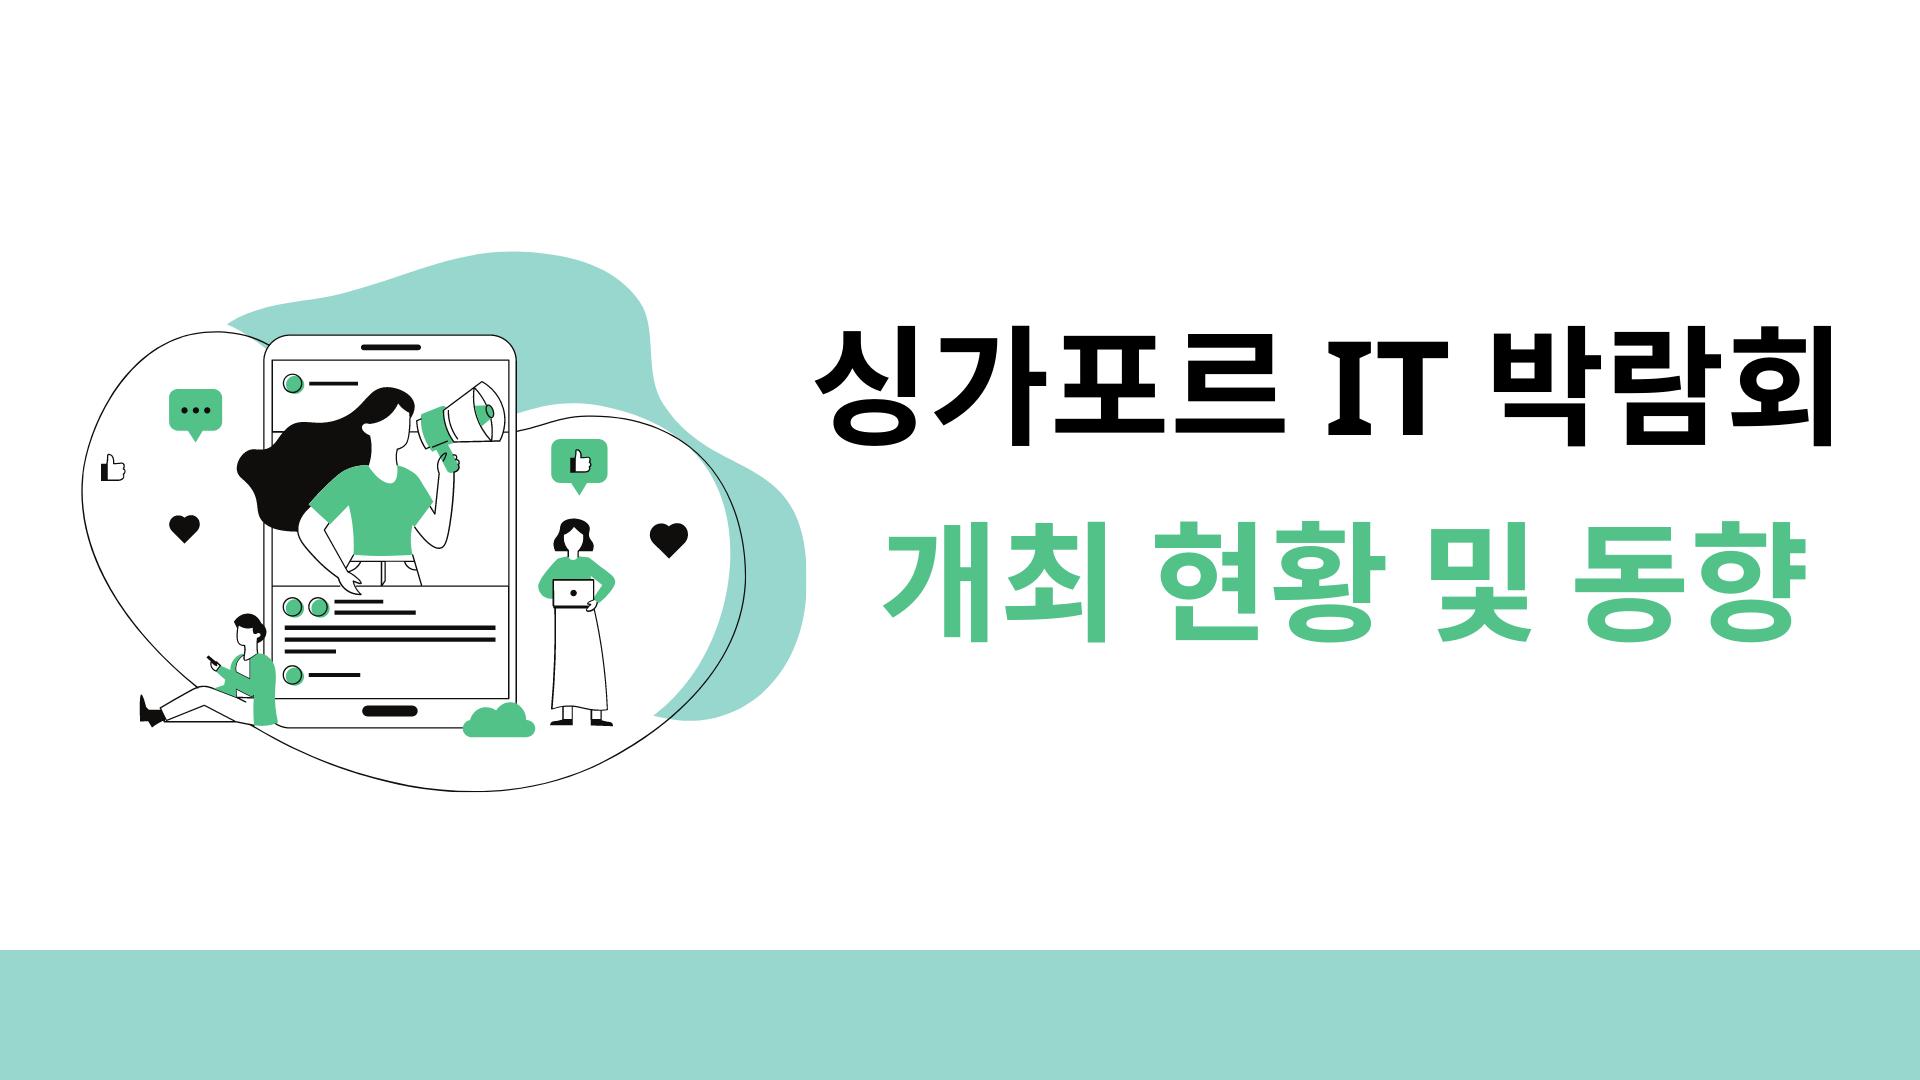 싱가포르 IT 박람회 개최 현황 및 경향